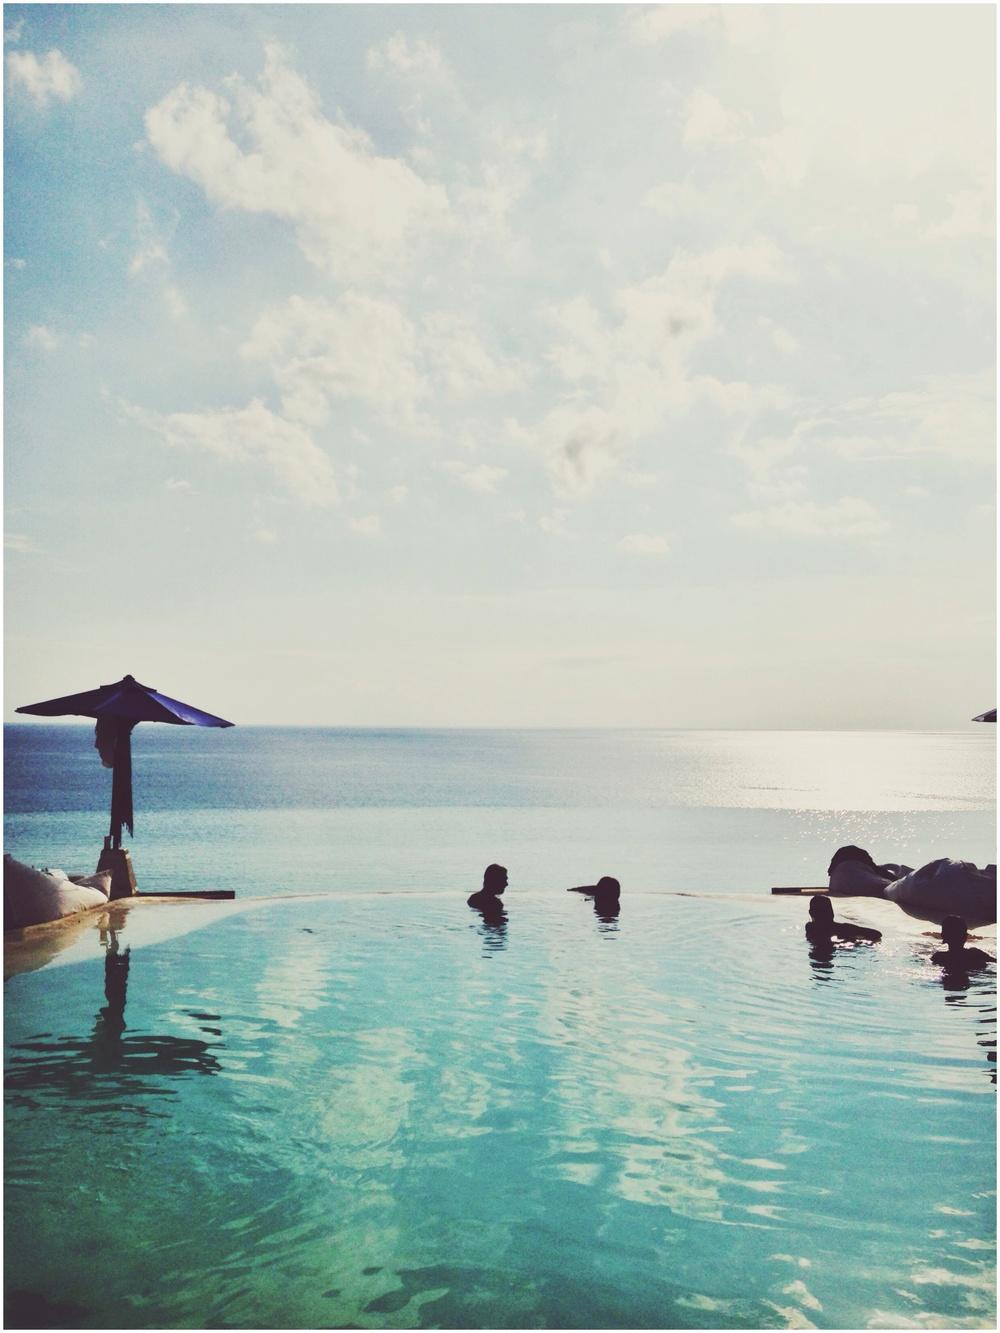 El Cabron Cliff Club, Bali, Indonesia